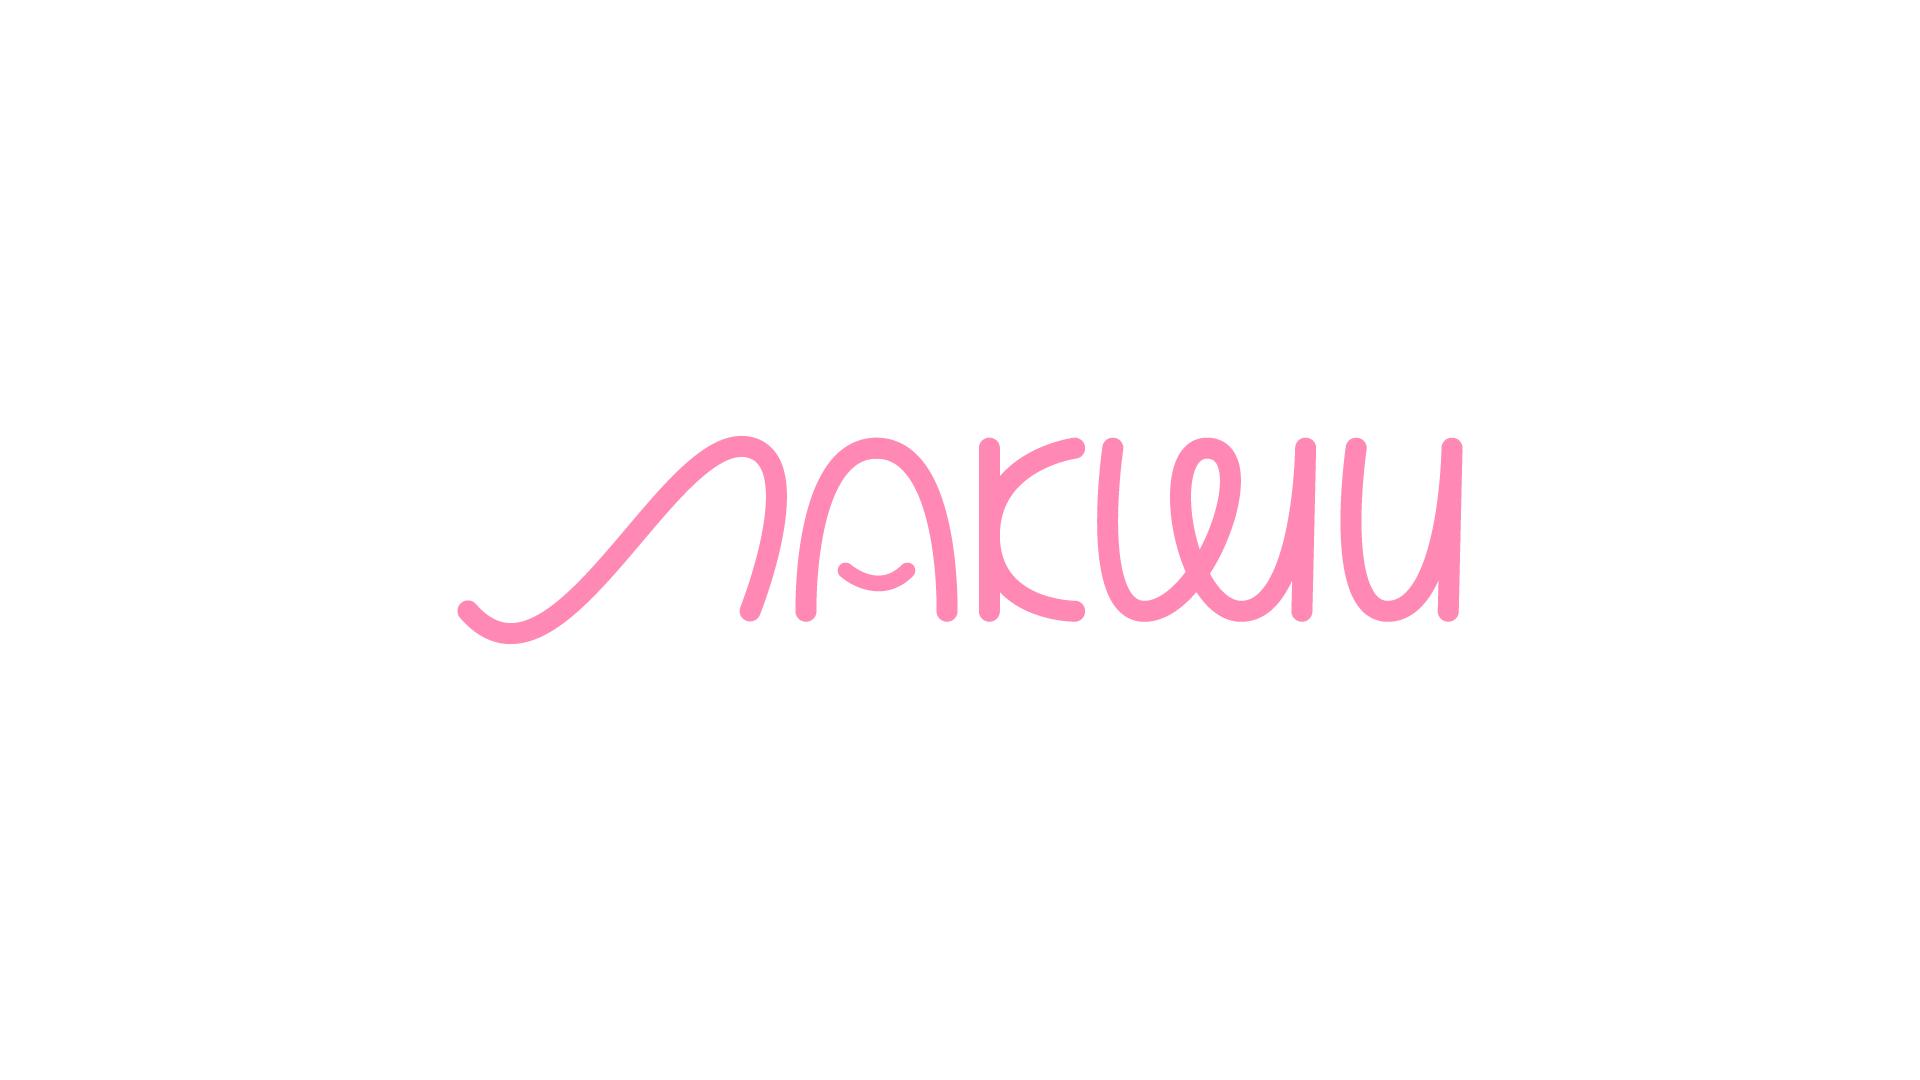 Разработка логотипа фирменного стиля фото f_6395c6a8f9643424.png